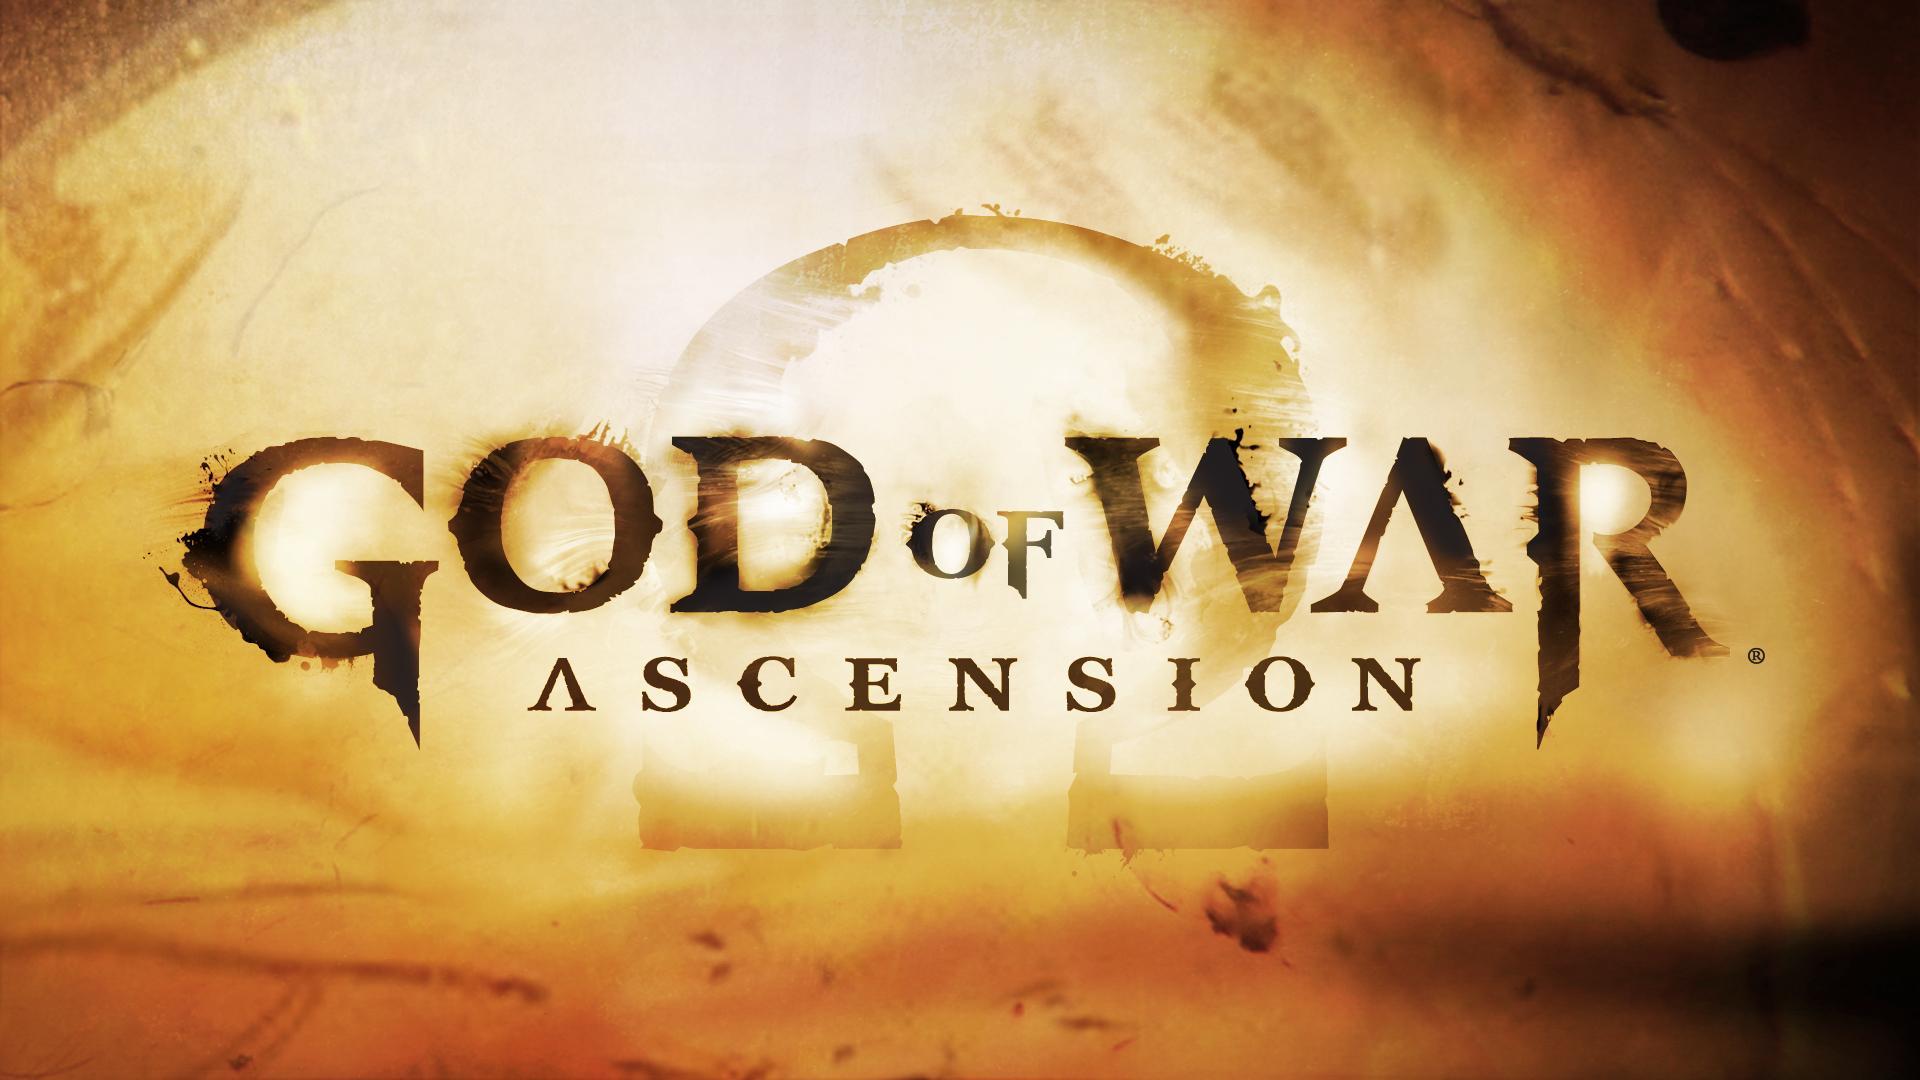 『God of War: Ascension』、実写トレーラーを公開